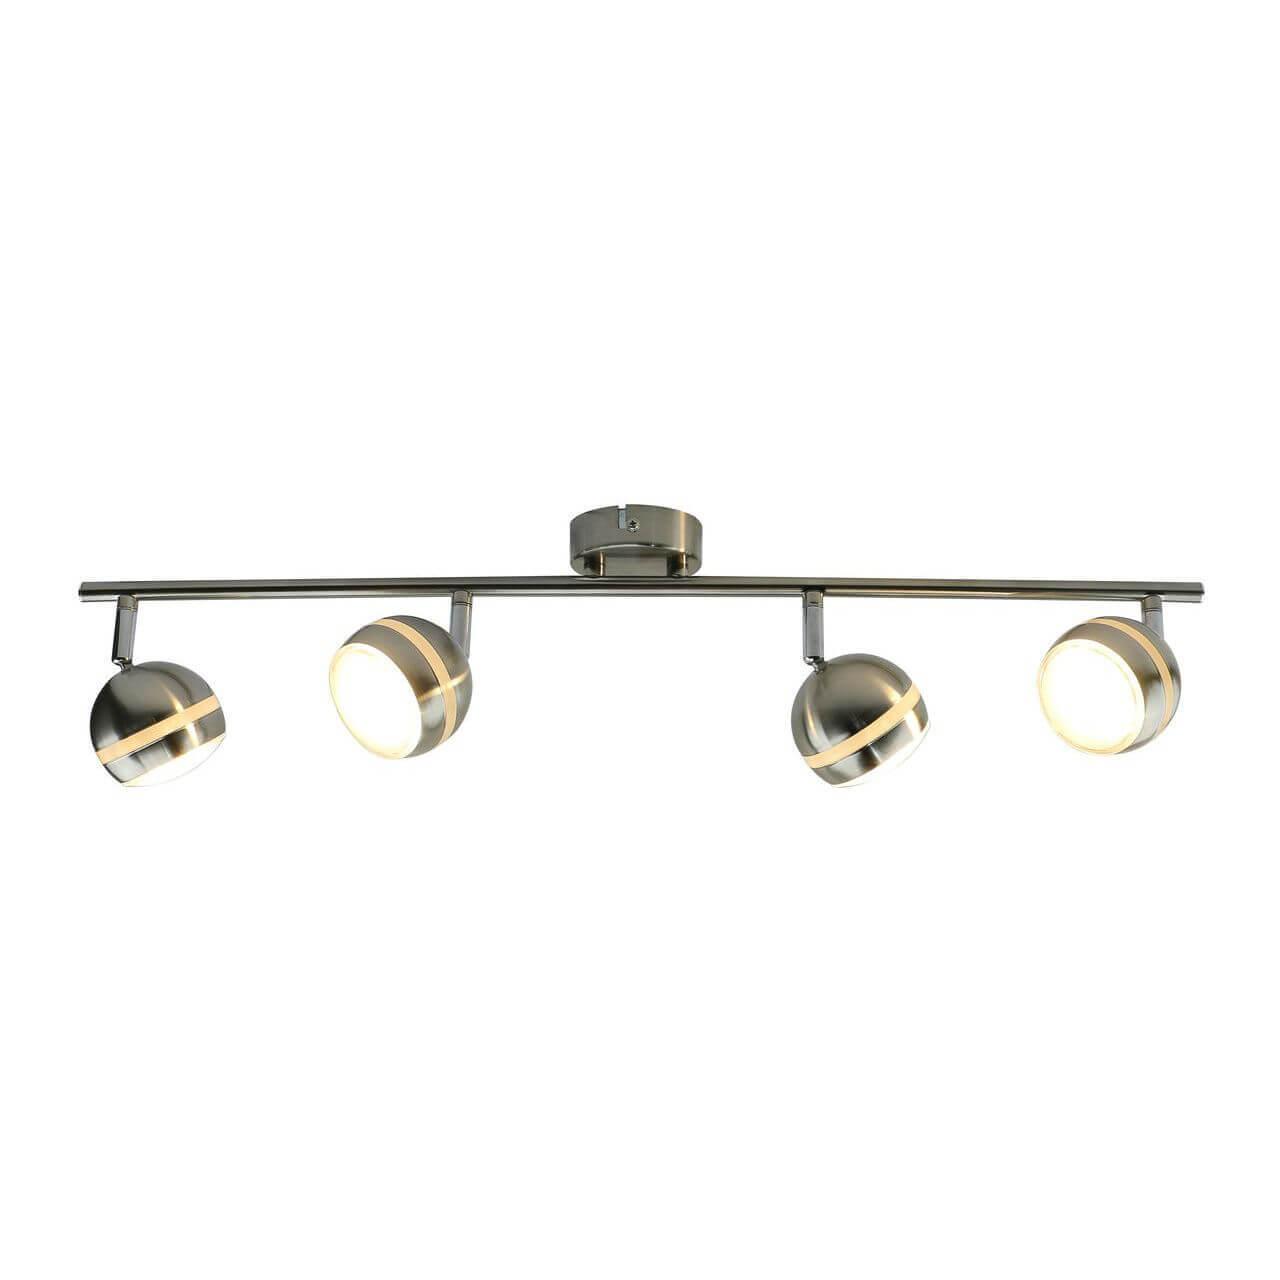 Светодиодный спот Arte Lamp Venerd A6009PL-4SS спот arte lamp venerd a6009pl 4ss